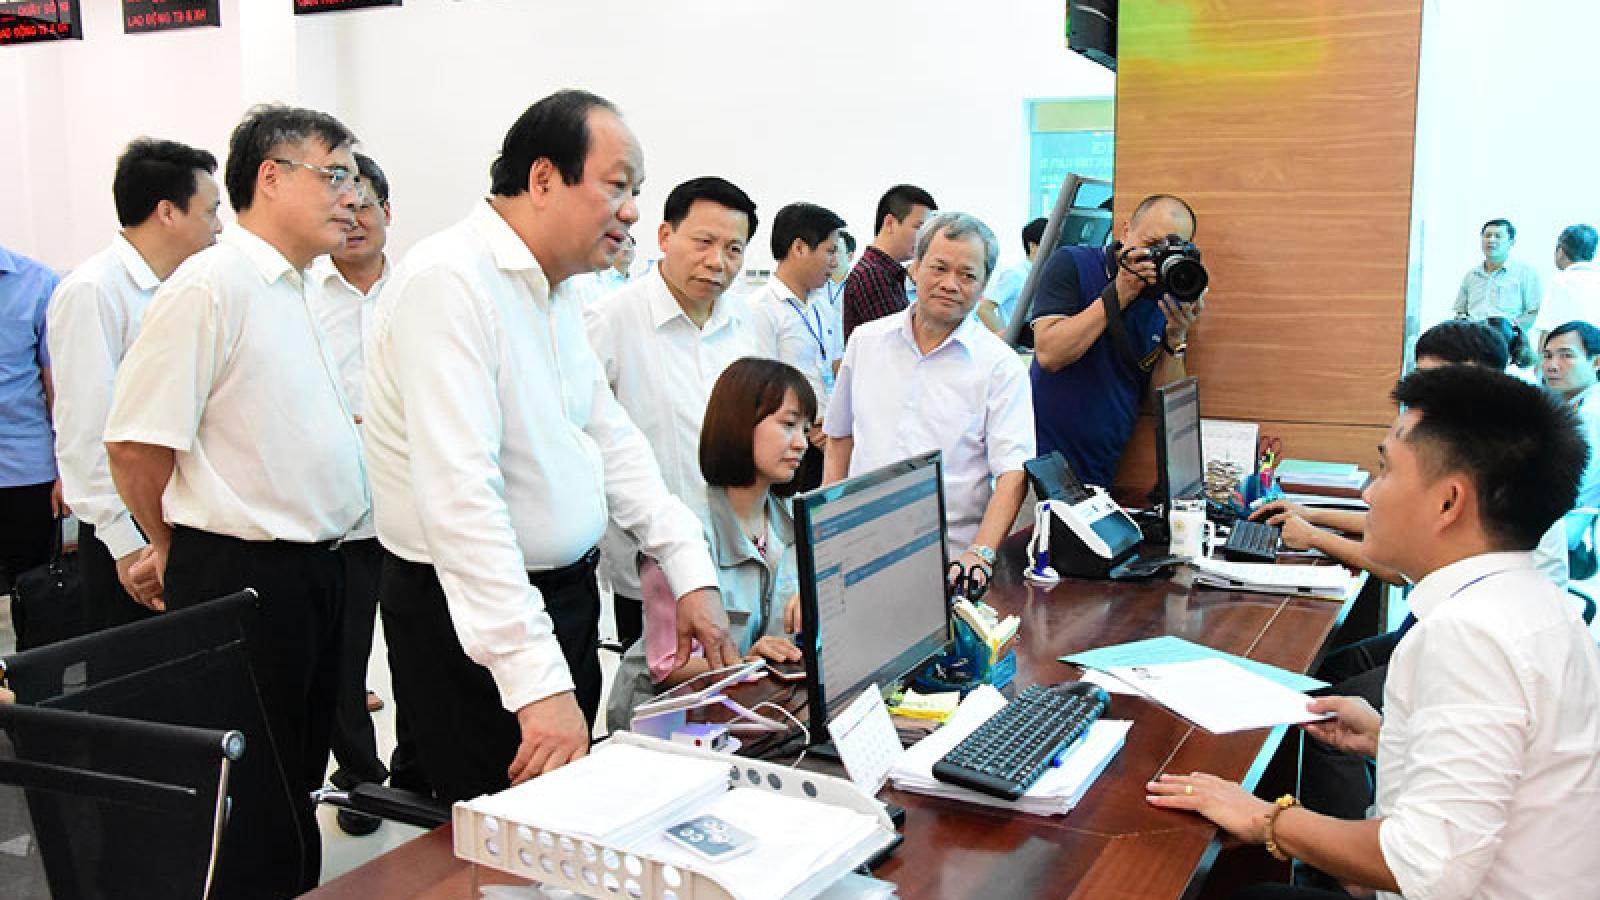 Cải cách thủ tục hành chính - Dấu ấn nổi bật trong nhiệm kỳ 2016-2021 của Chính phủ